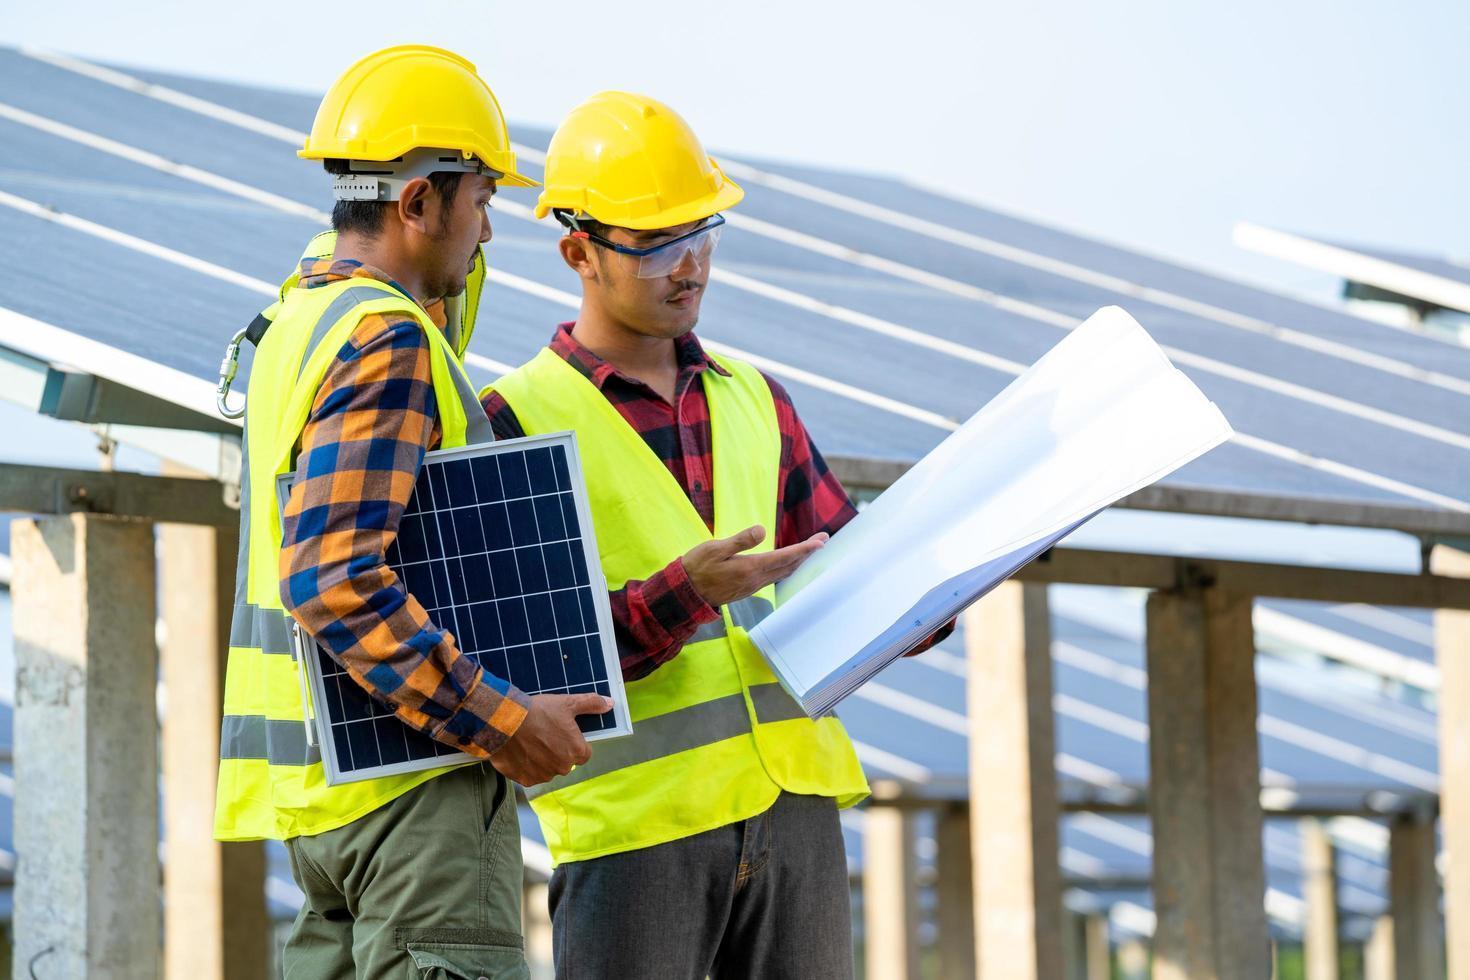 Männer, die Sicherheitsausrüstung neben Sonnenkollektoren tragen foto